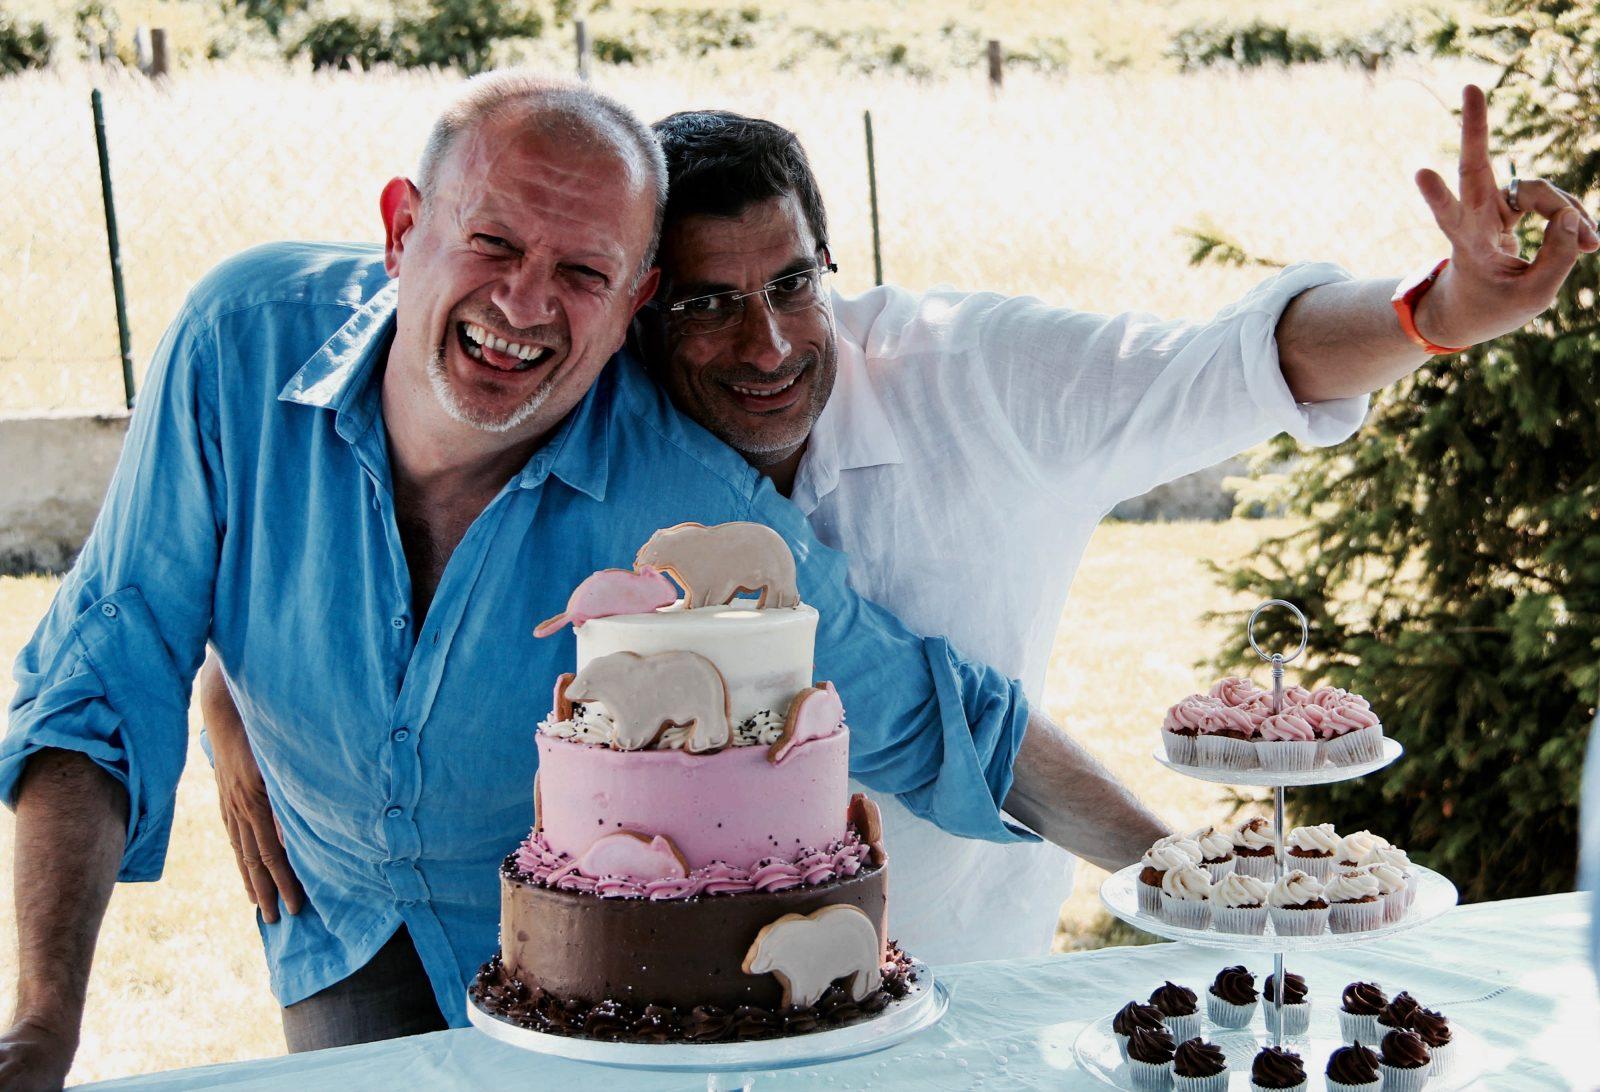 Michel, 48 ans, Pierre-Olivier, 52 ans, Lyon,ensemble depuis 1993, pacsés en 1999, mariés en 2014